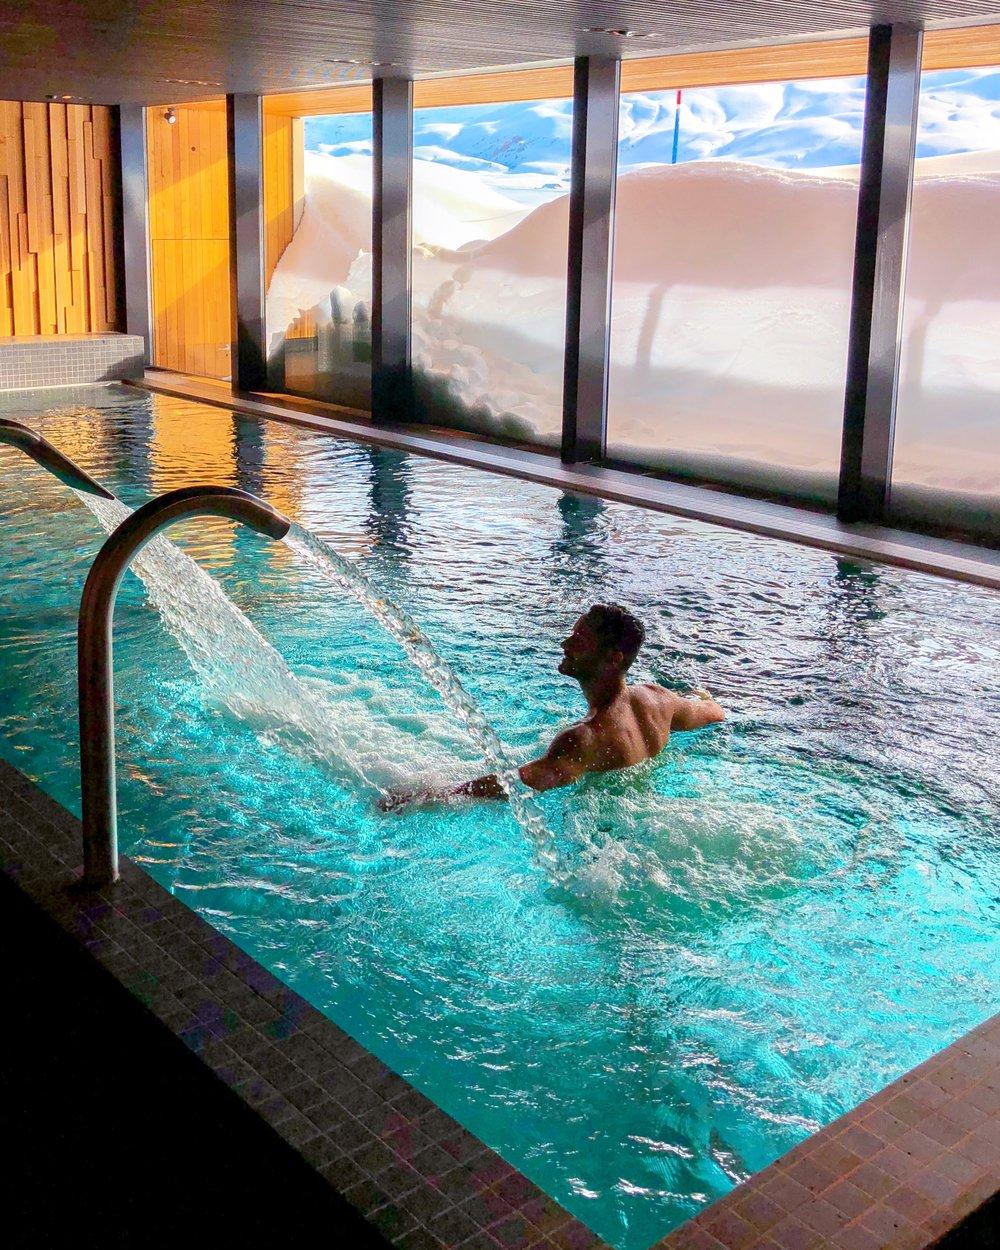 O Spa super moderno tem diversos tipos de saunas e essa piscina incrível com vista para a pista de esqui.